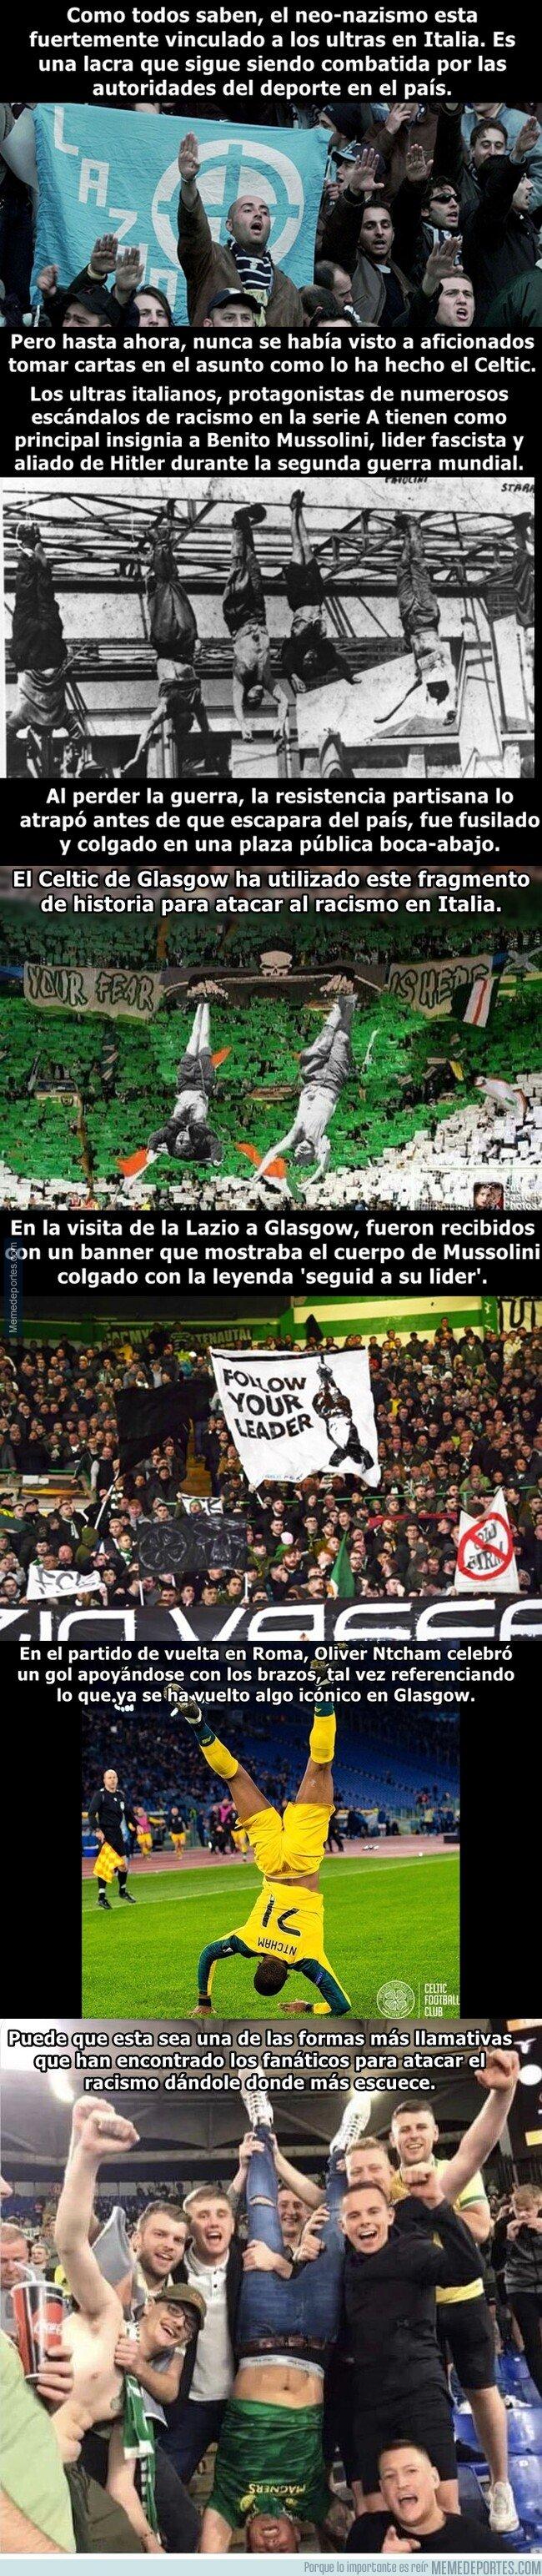 1090503 - El Celtic ha encontrado una forma espectacular de mofarse del racismo.